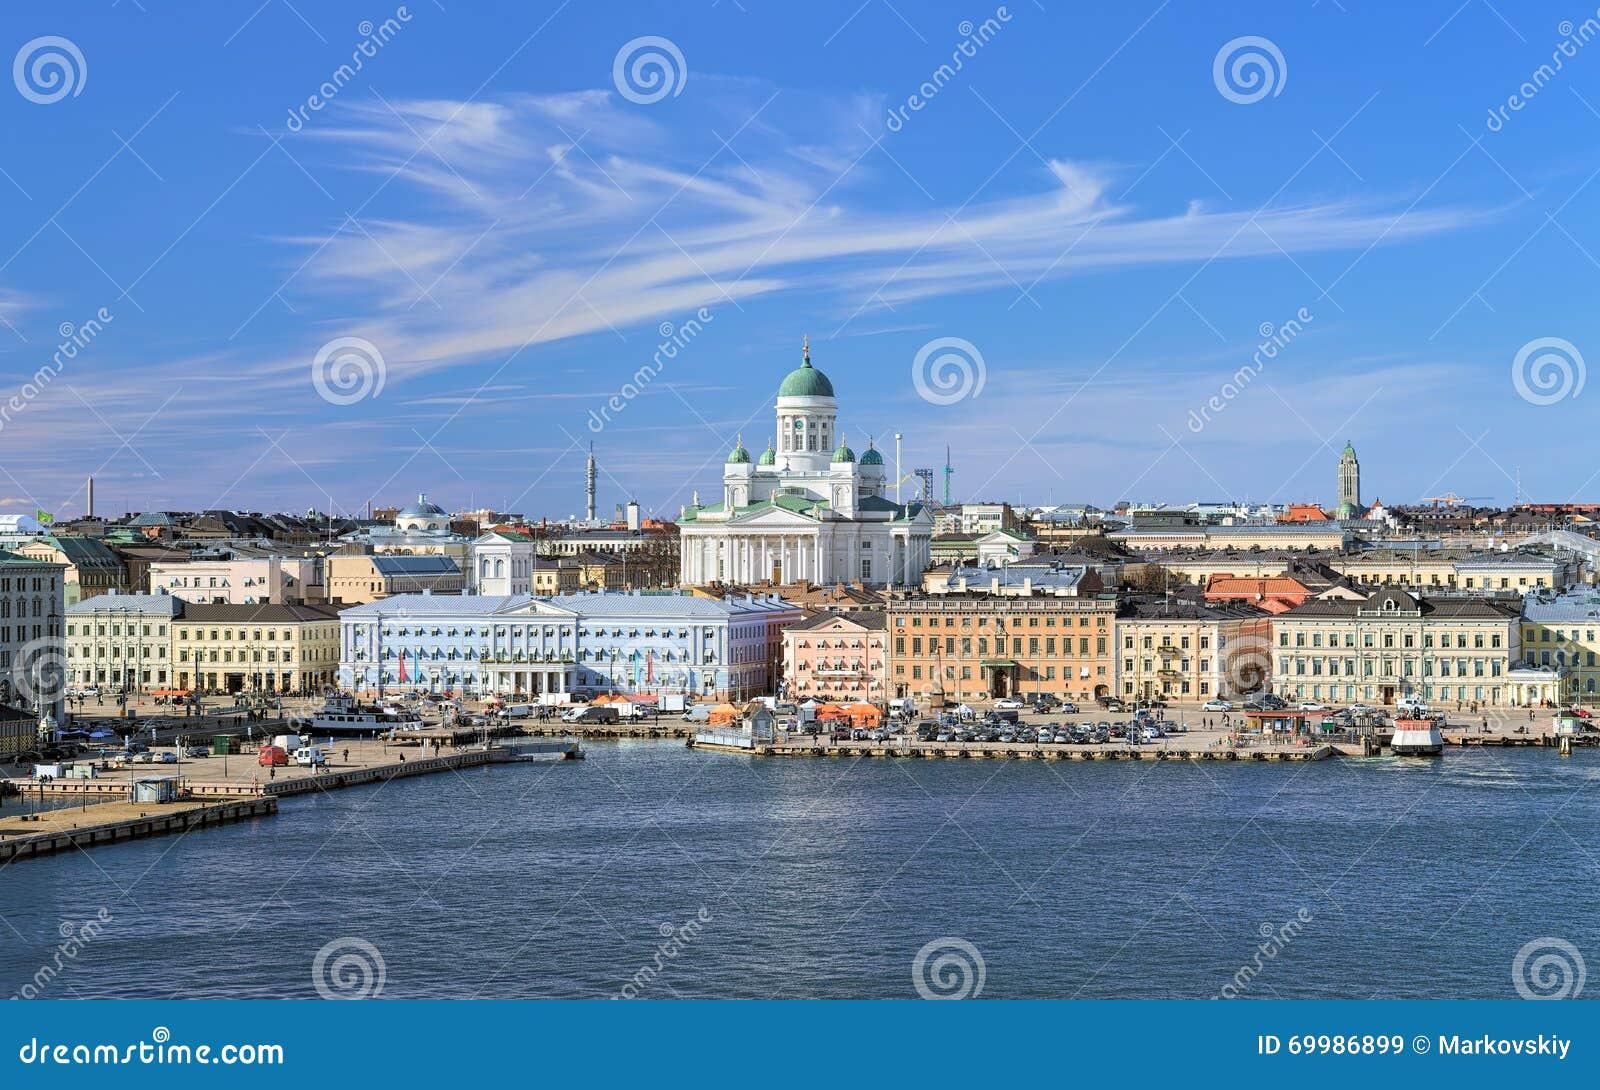 Stadtbild von Helsinki mit Kathedrale, Südhafen und Marktplatz, Finnland